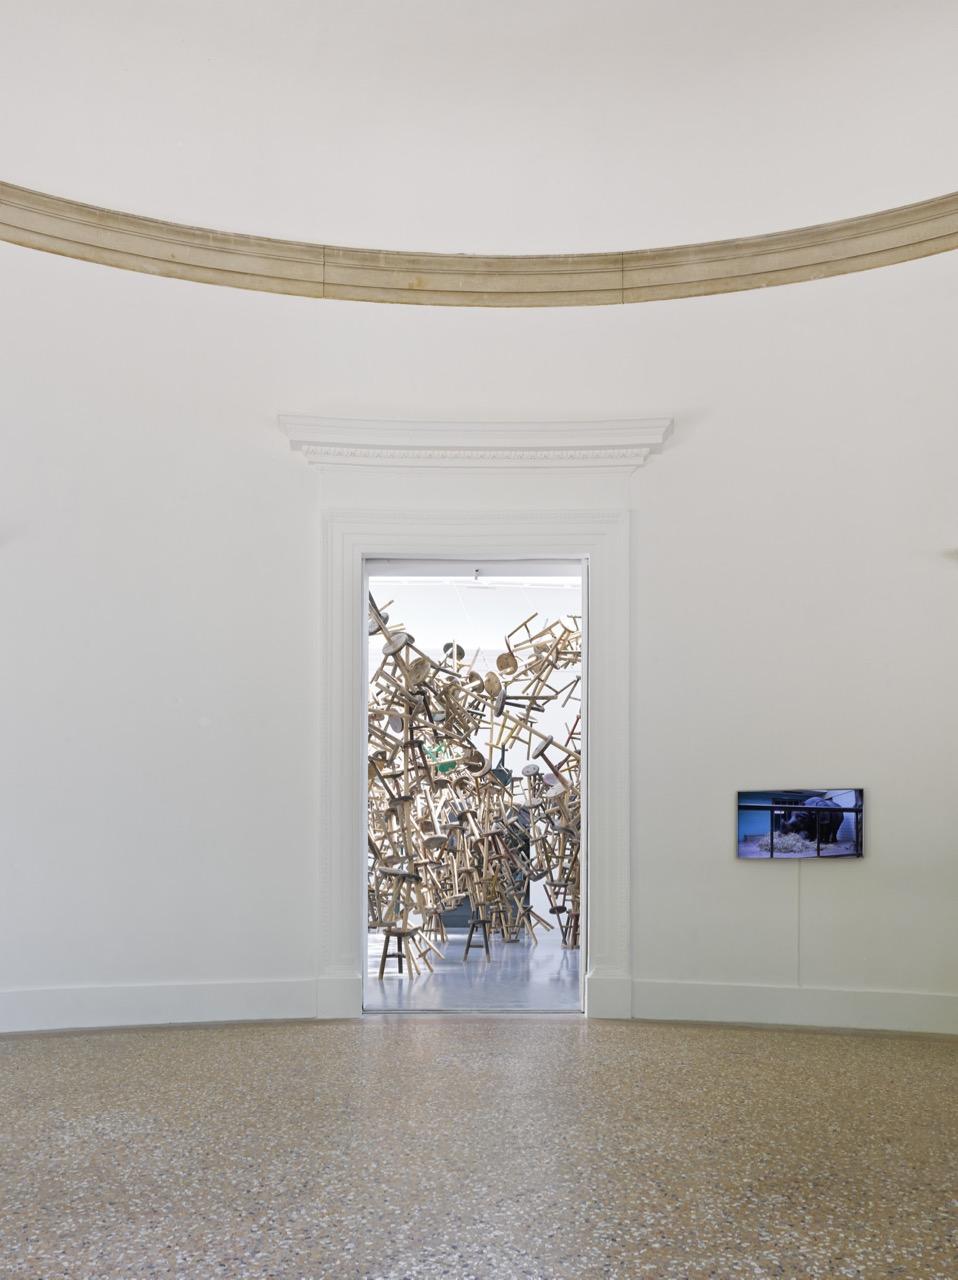 GERMAN PAVILION – 55TH ART BIENNALE VENICE 2013